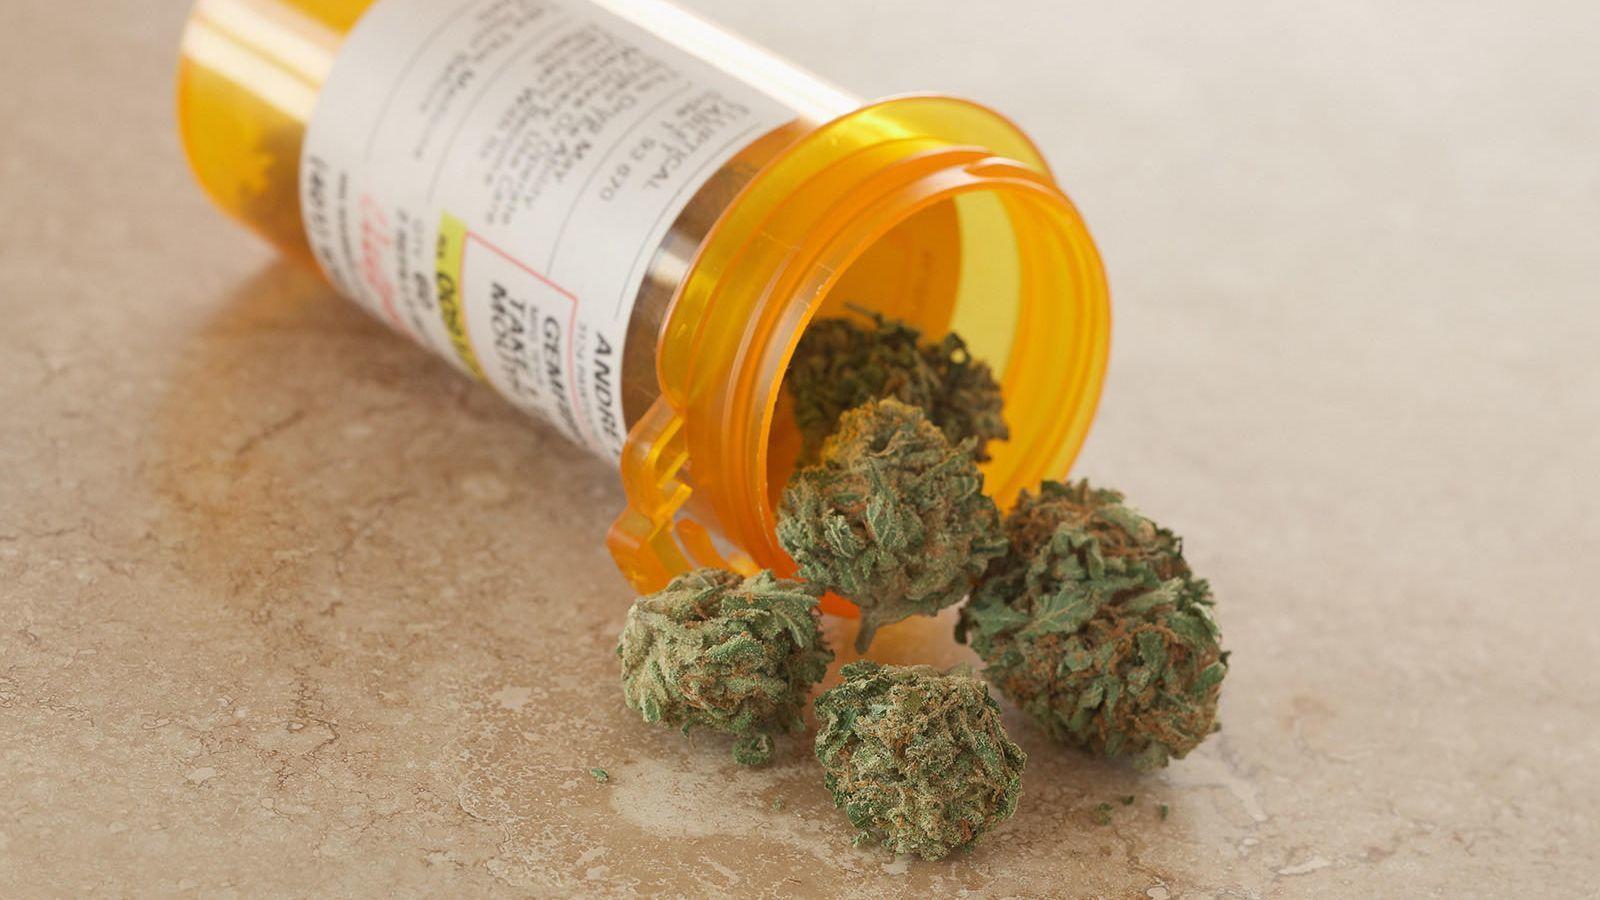 Ct-spt-super-bowl-cbs-medical-marijuana-20190122